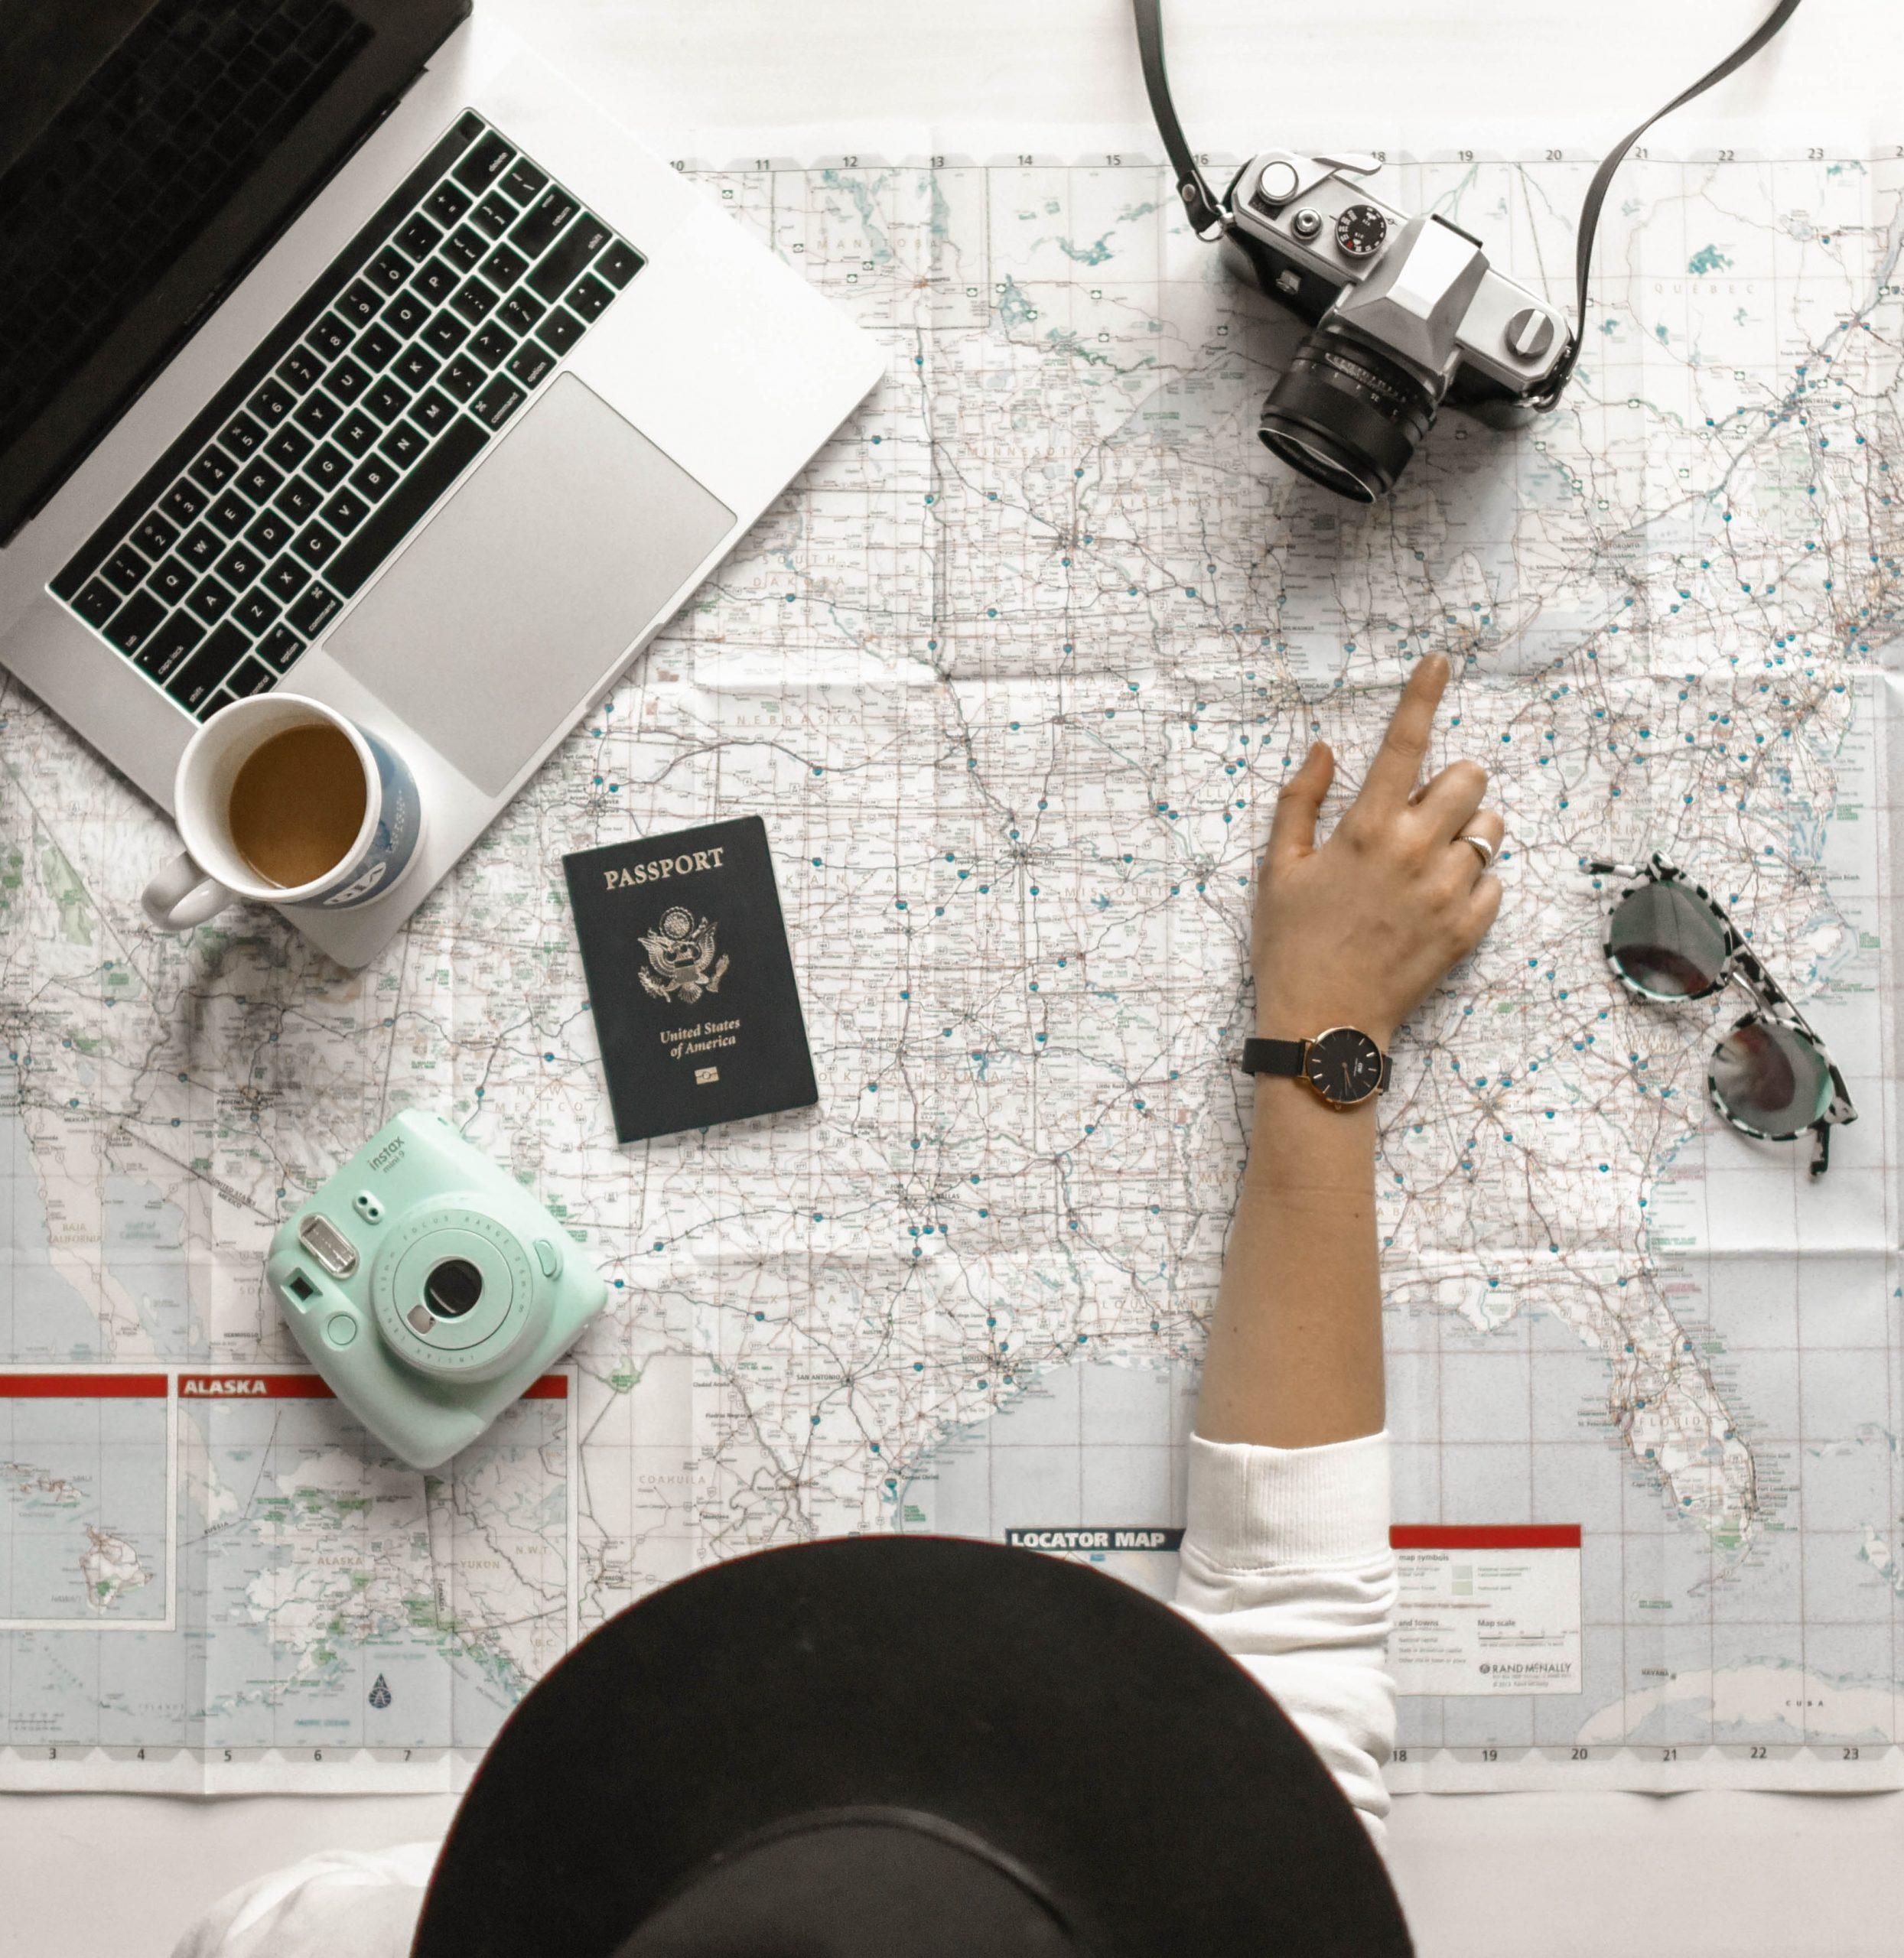 Prostovoljno delo – zapravljanje prostega časa ali investicija v prihodnost?